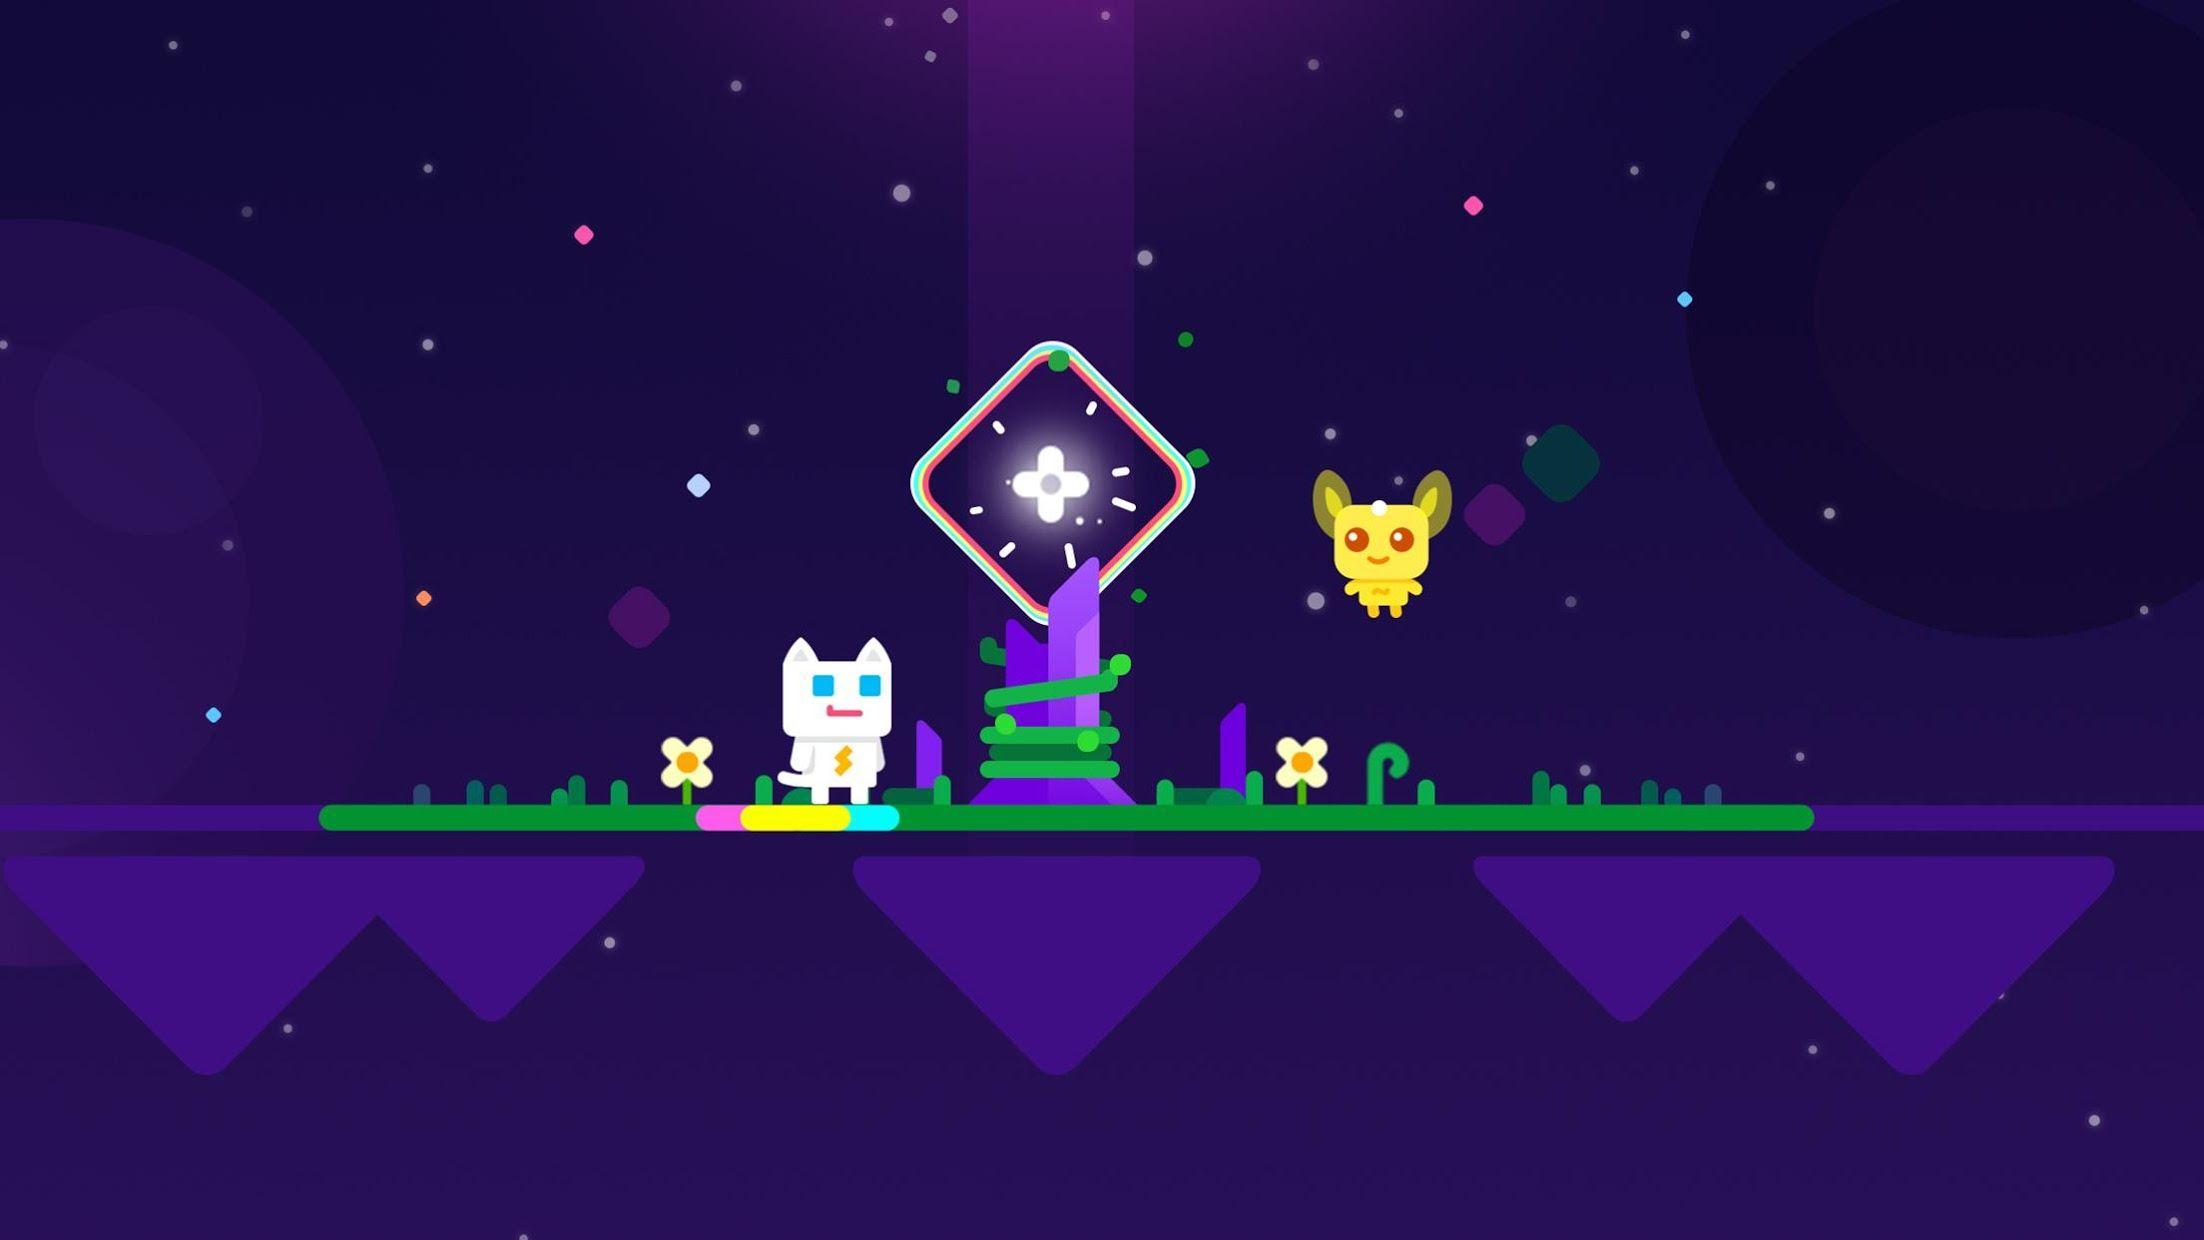 超级幻影猫2 游戏截图2